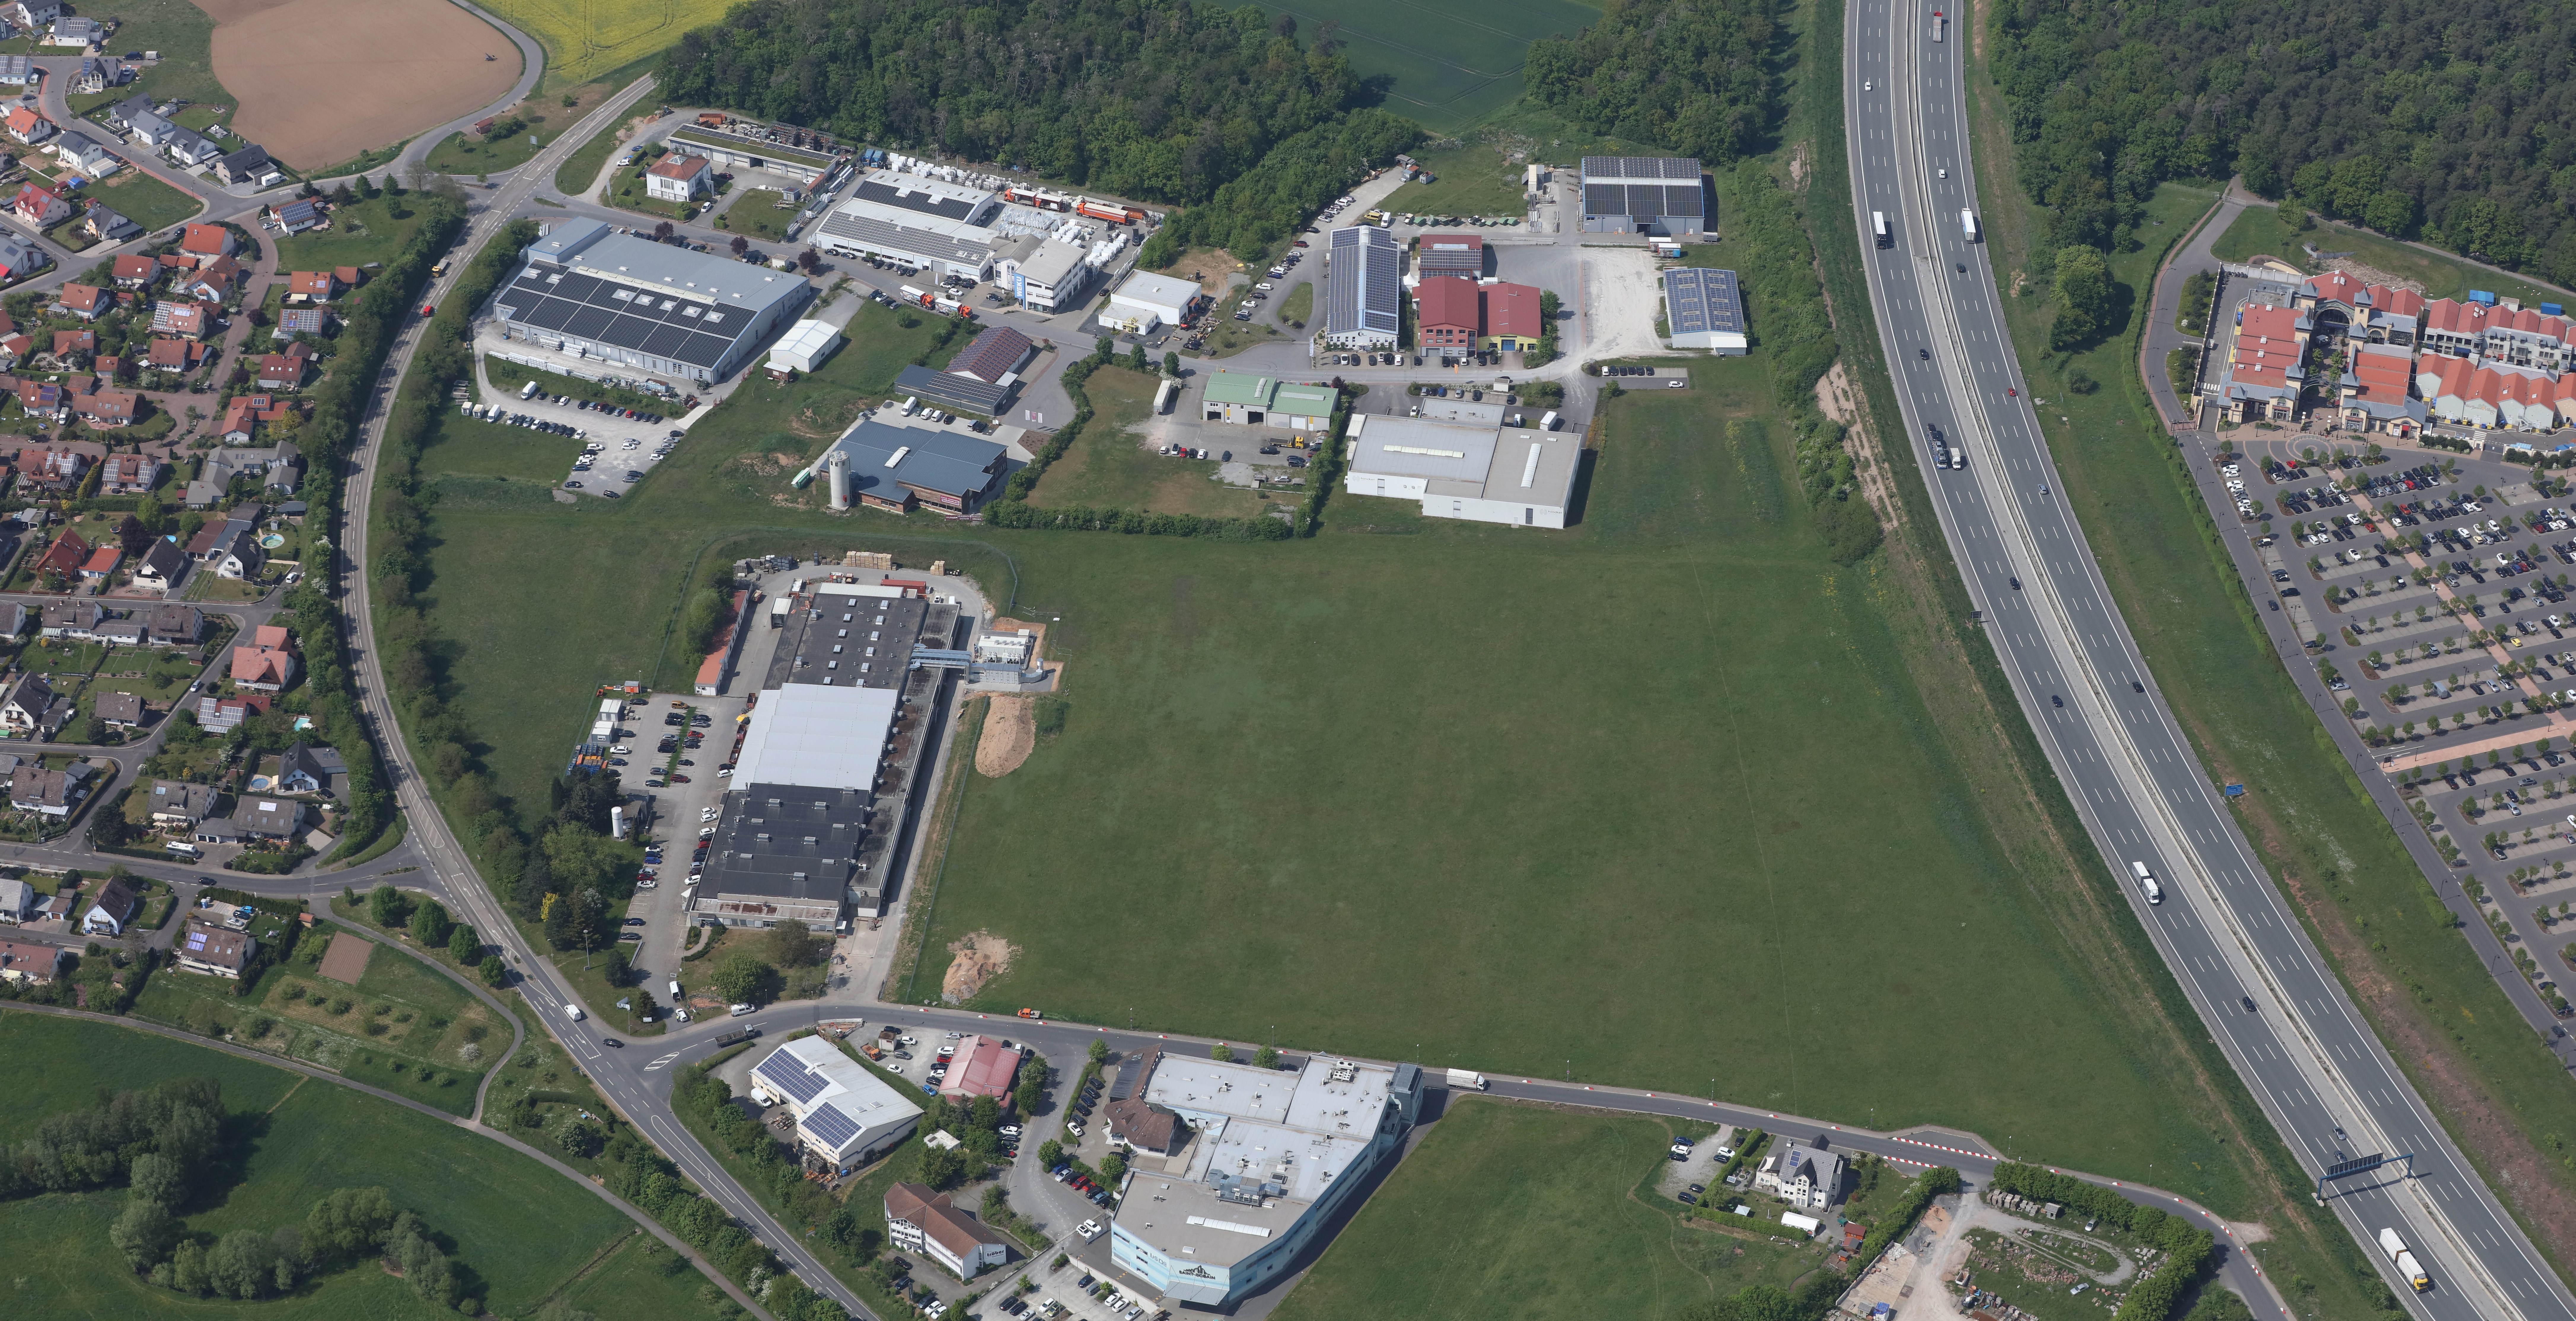 Wertheim bettingen autohof a61 betting world soccer codes for roblox